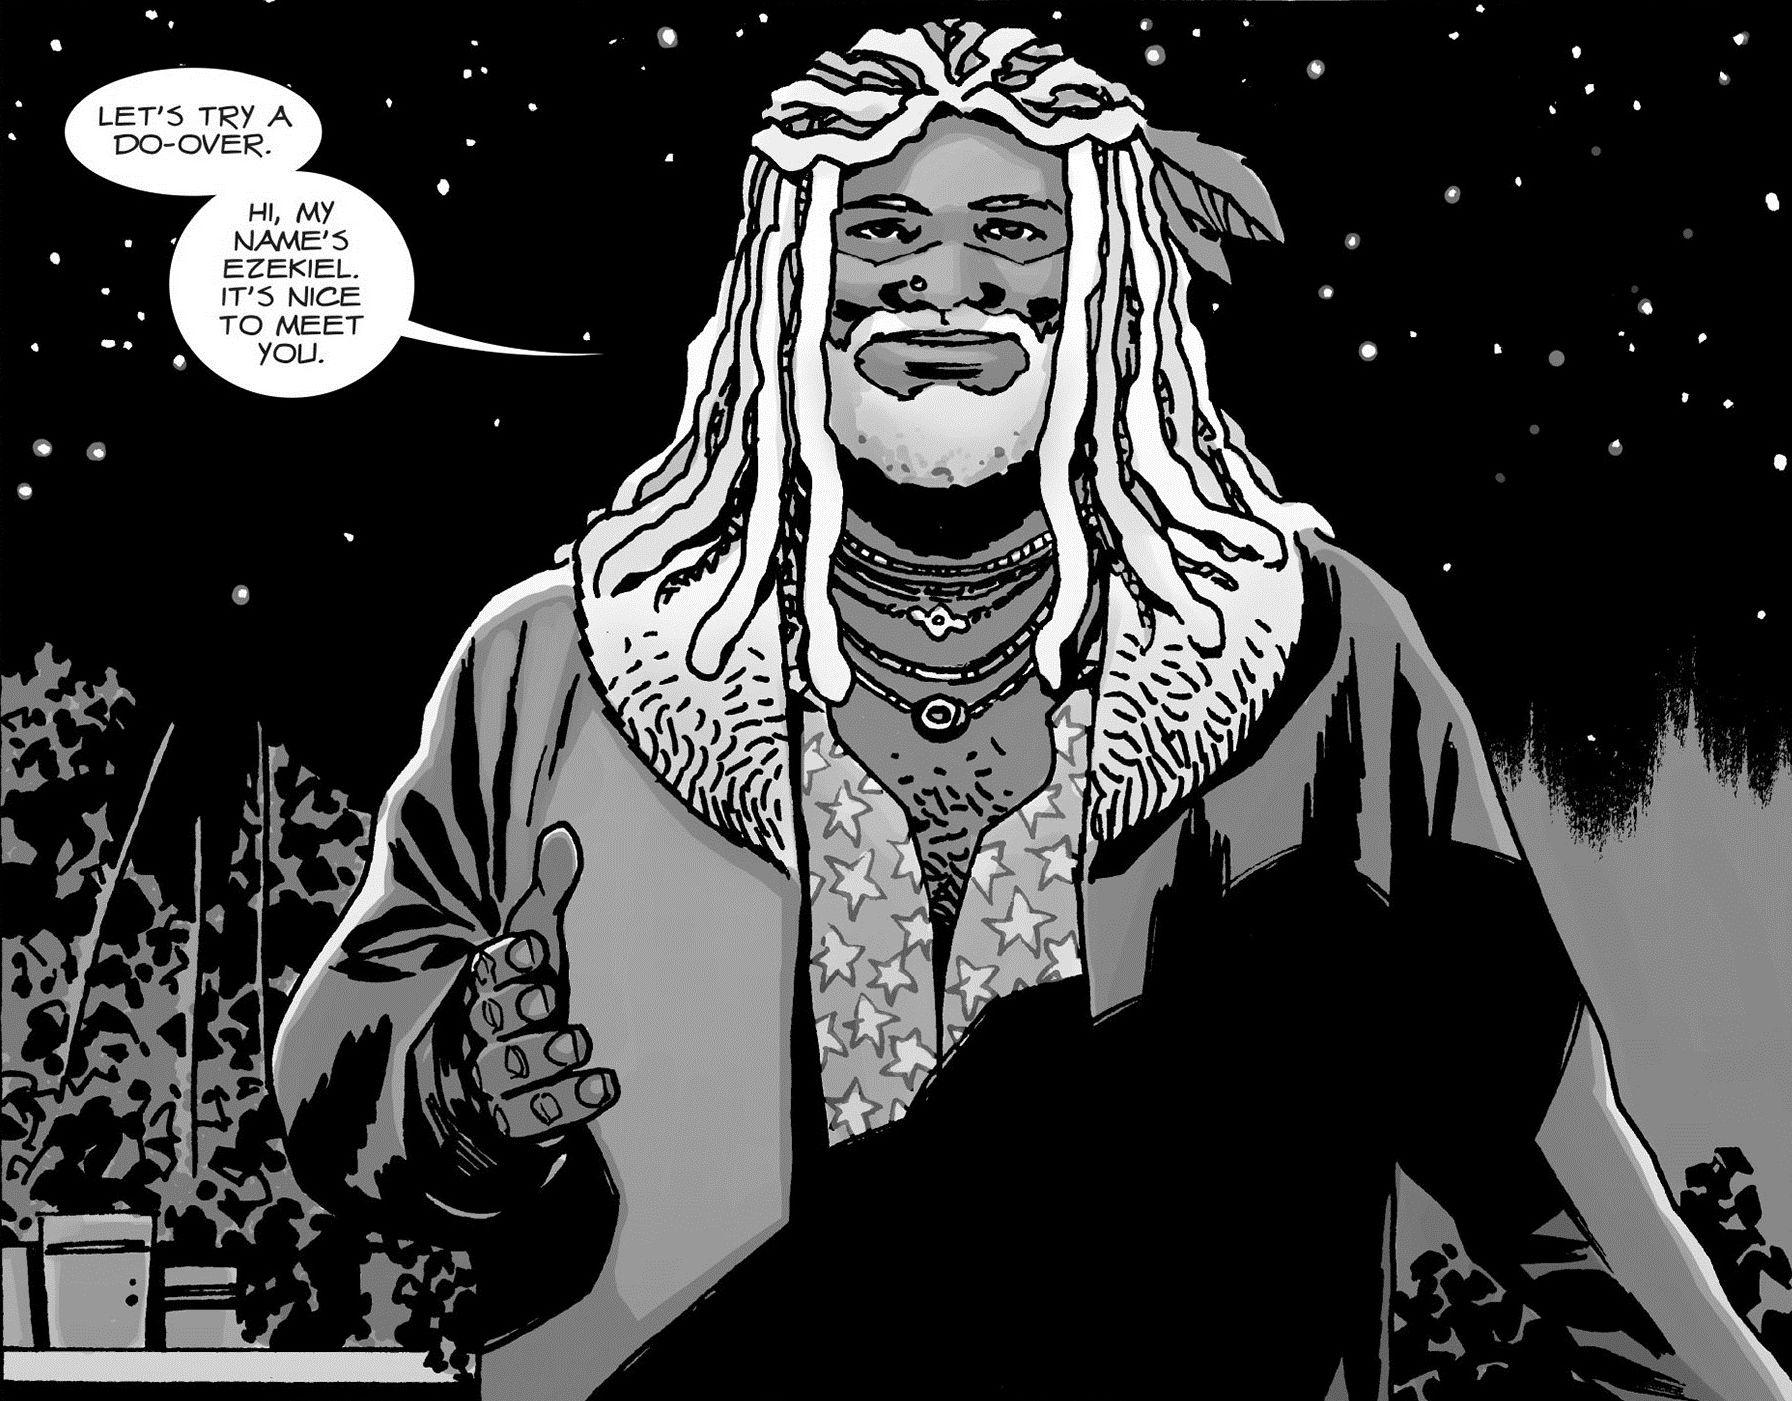 Ezekiel in 'The Walking Dead'